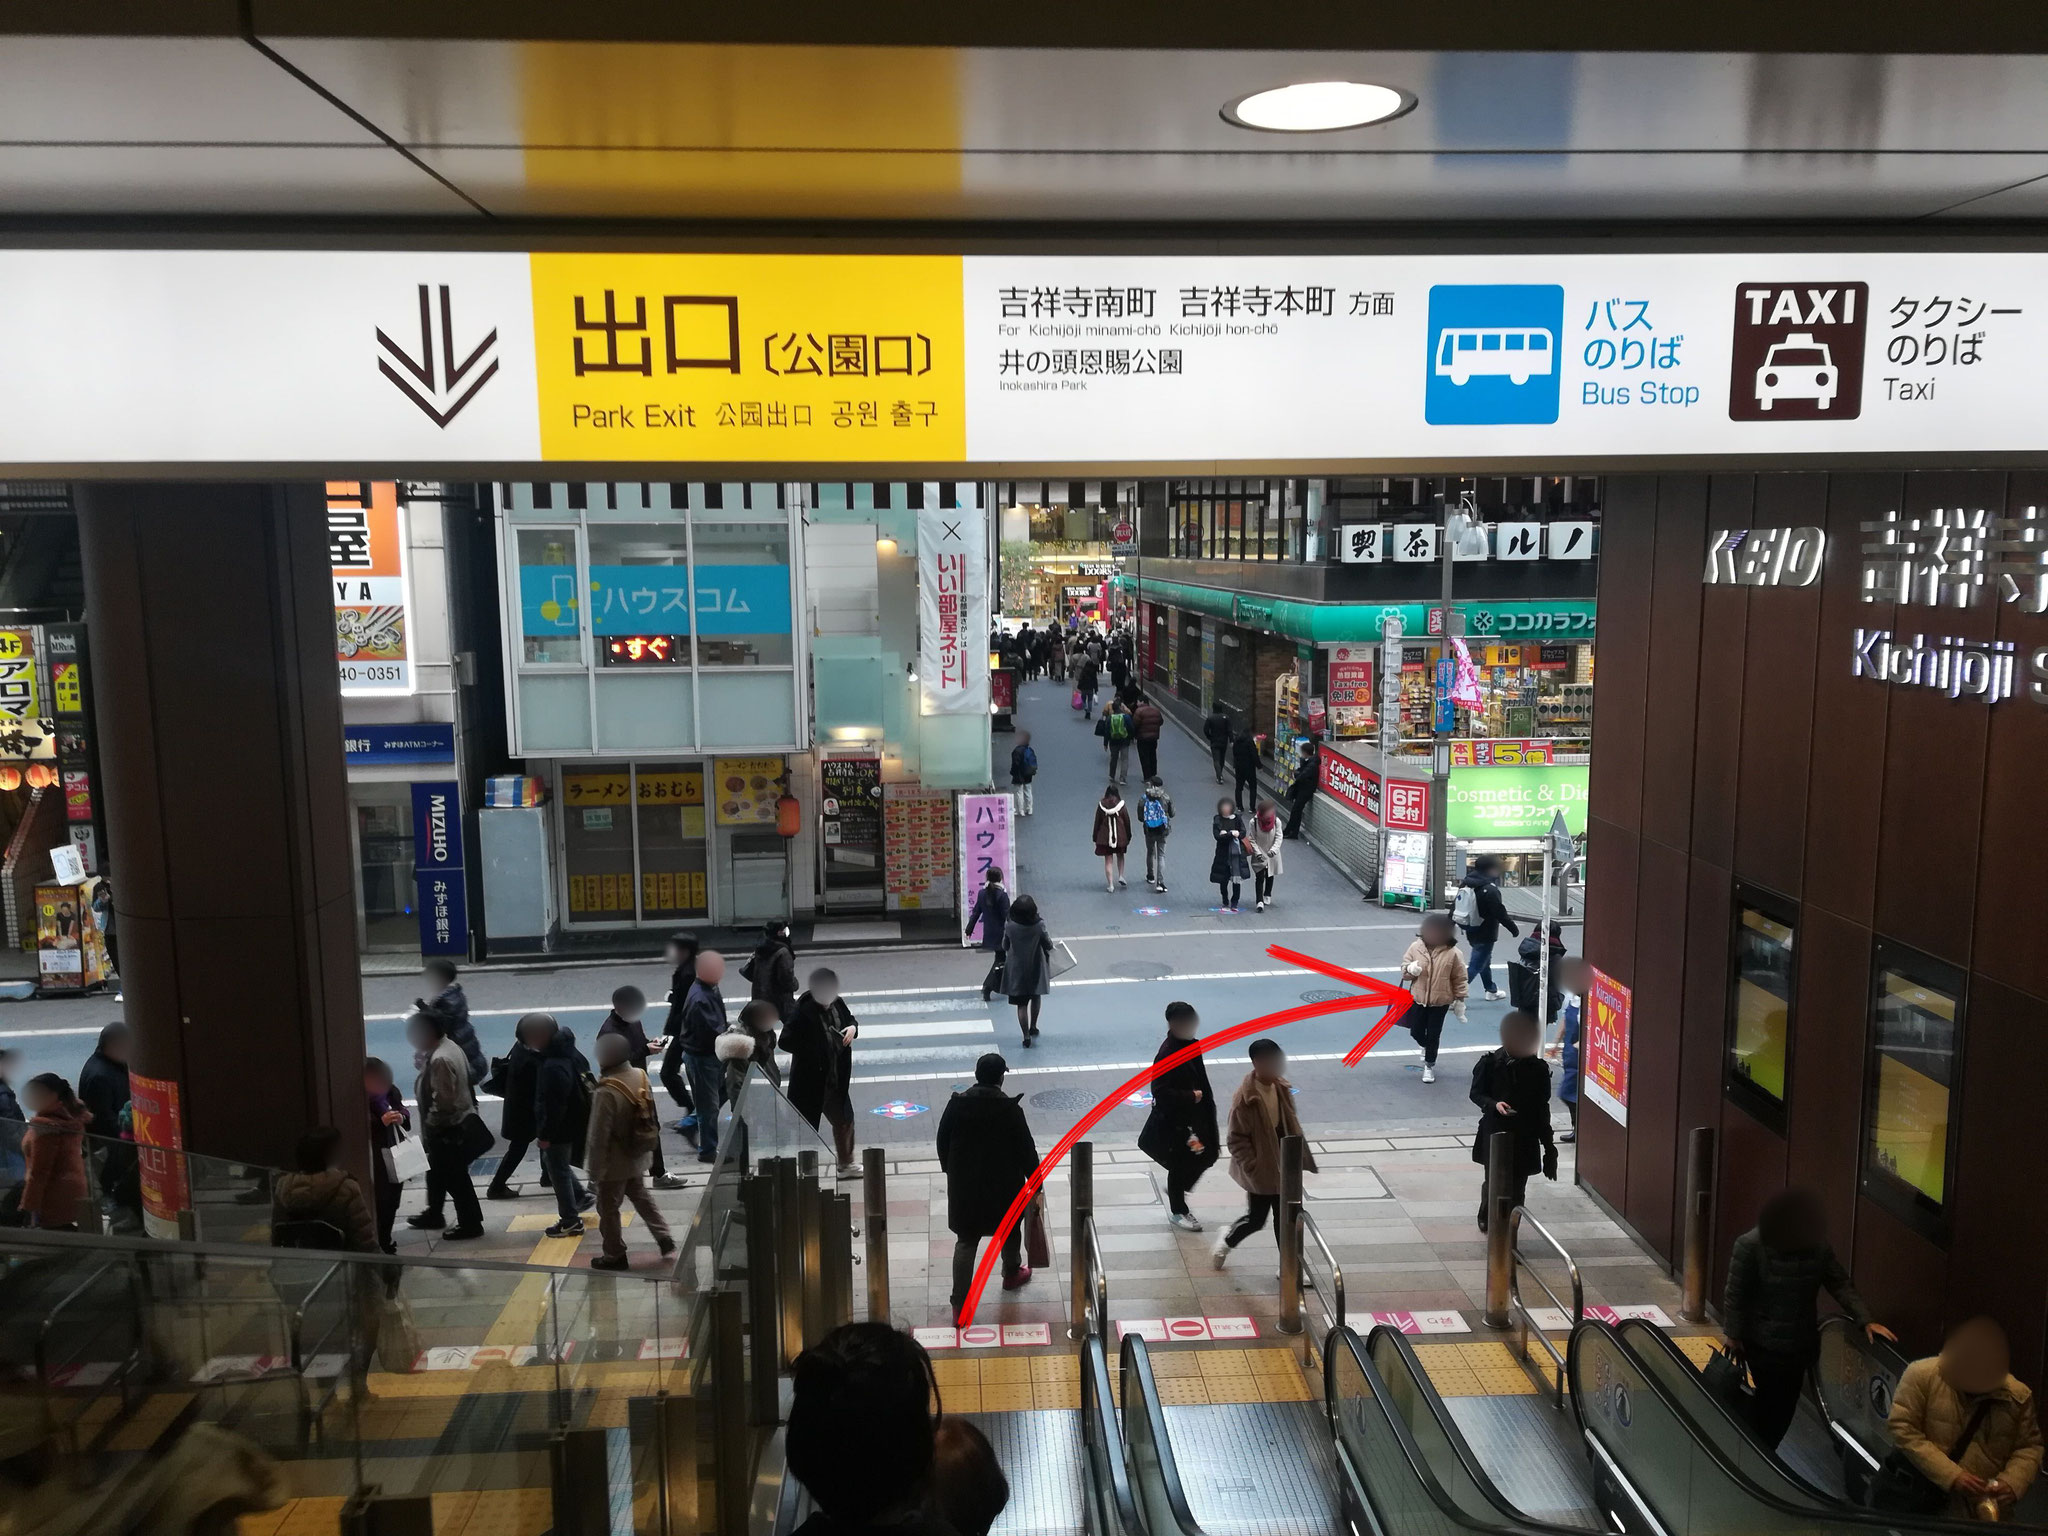 吉祥寺駅南口(公園口)を出てエスカレーターを降ります